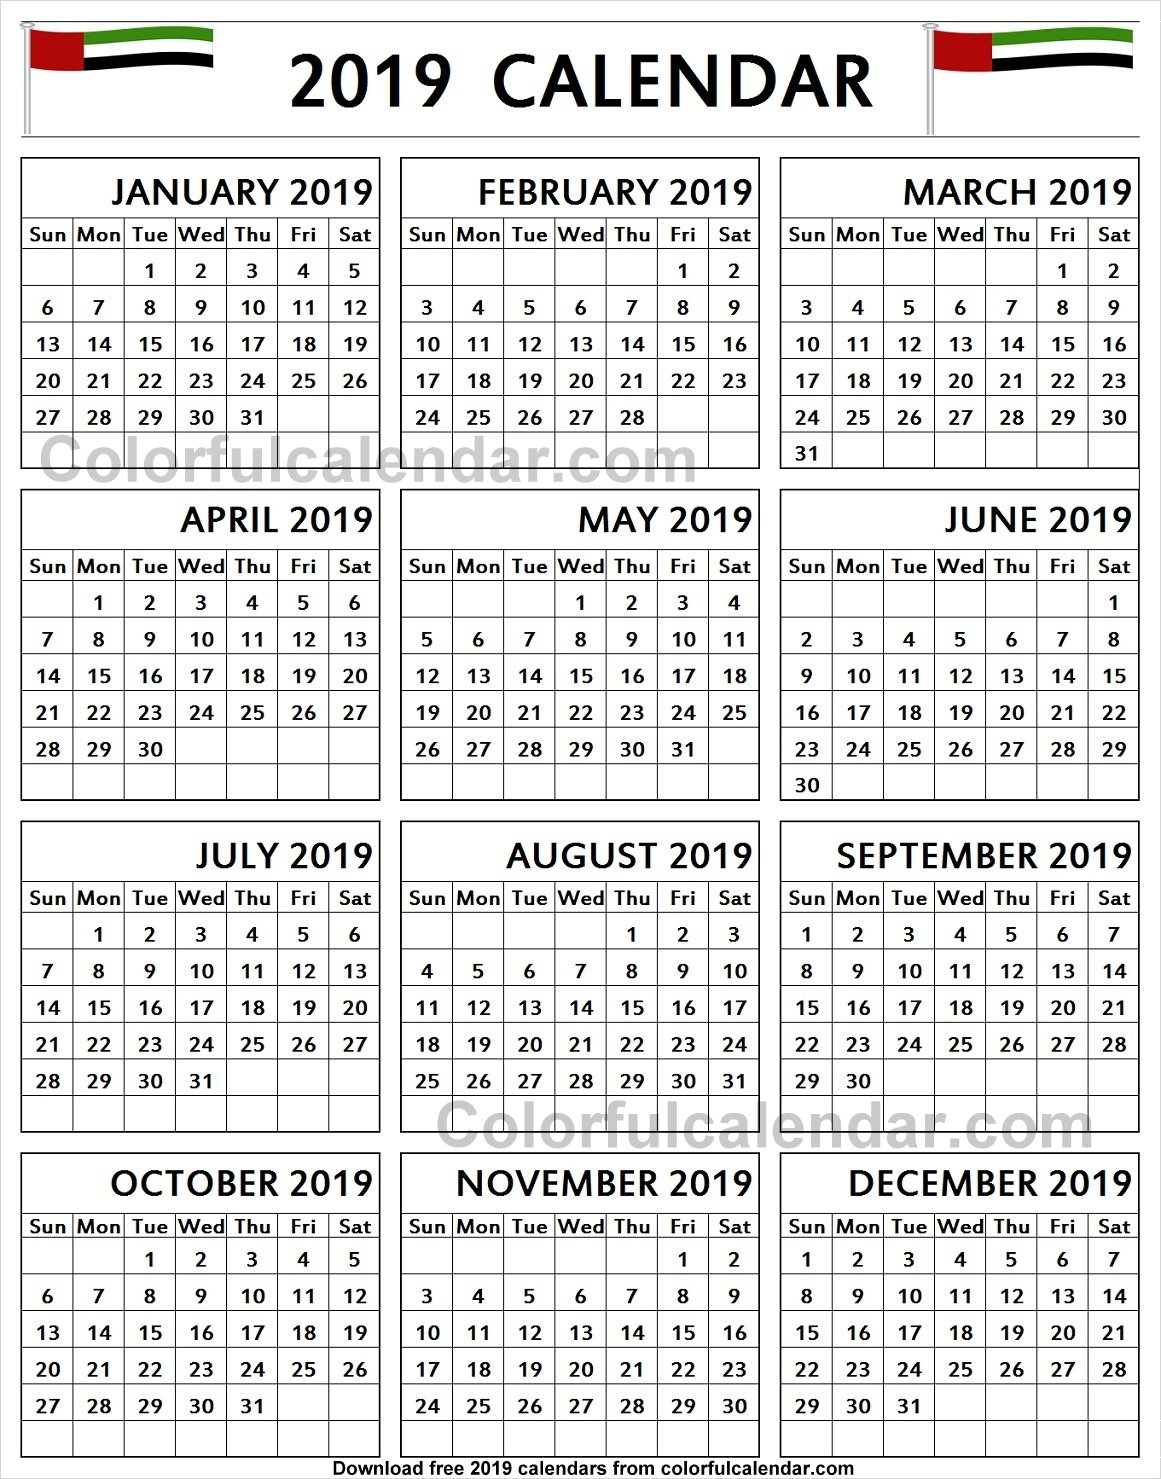 Calendar 2019 Uae Pdf Printable Template With Notes | Holidays U A E Calendar 2019